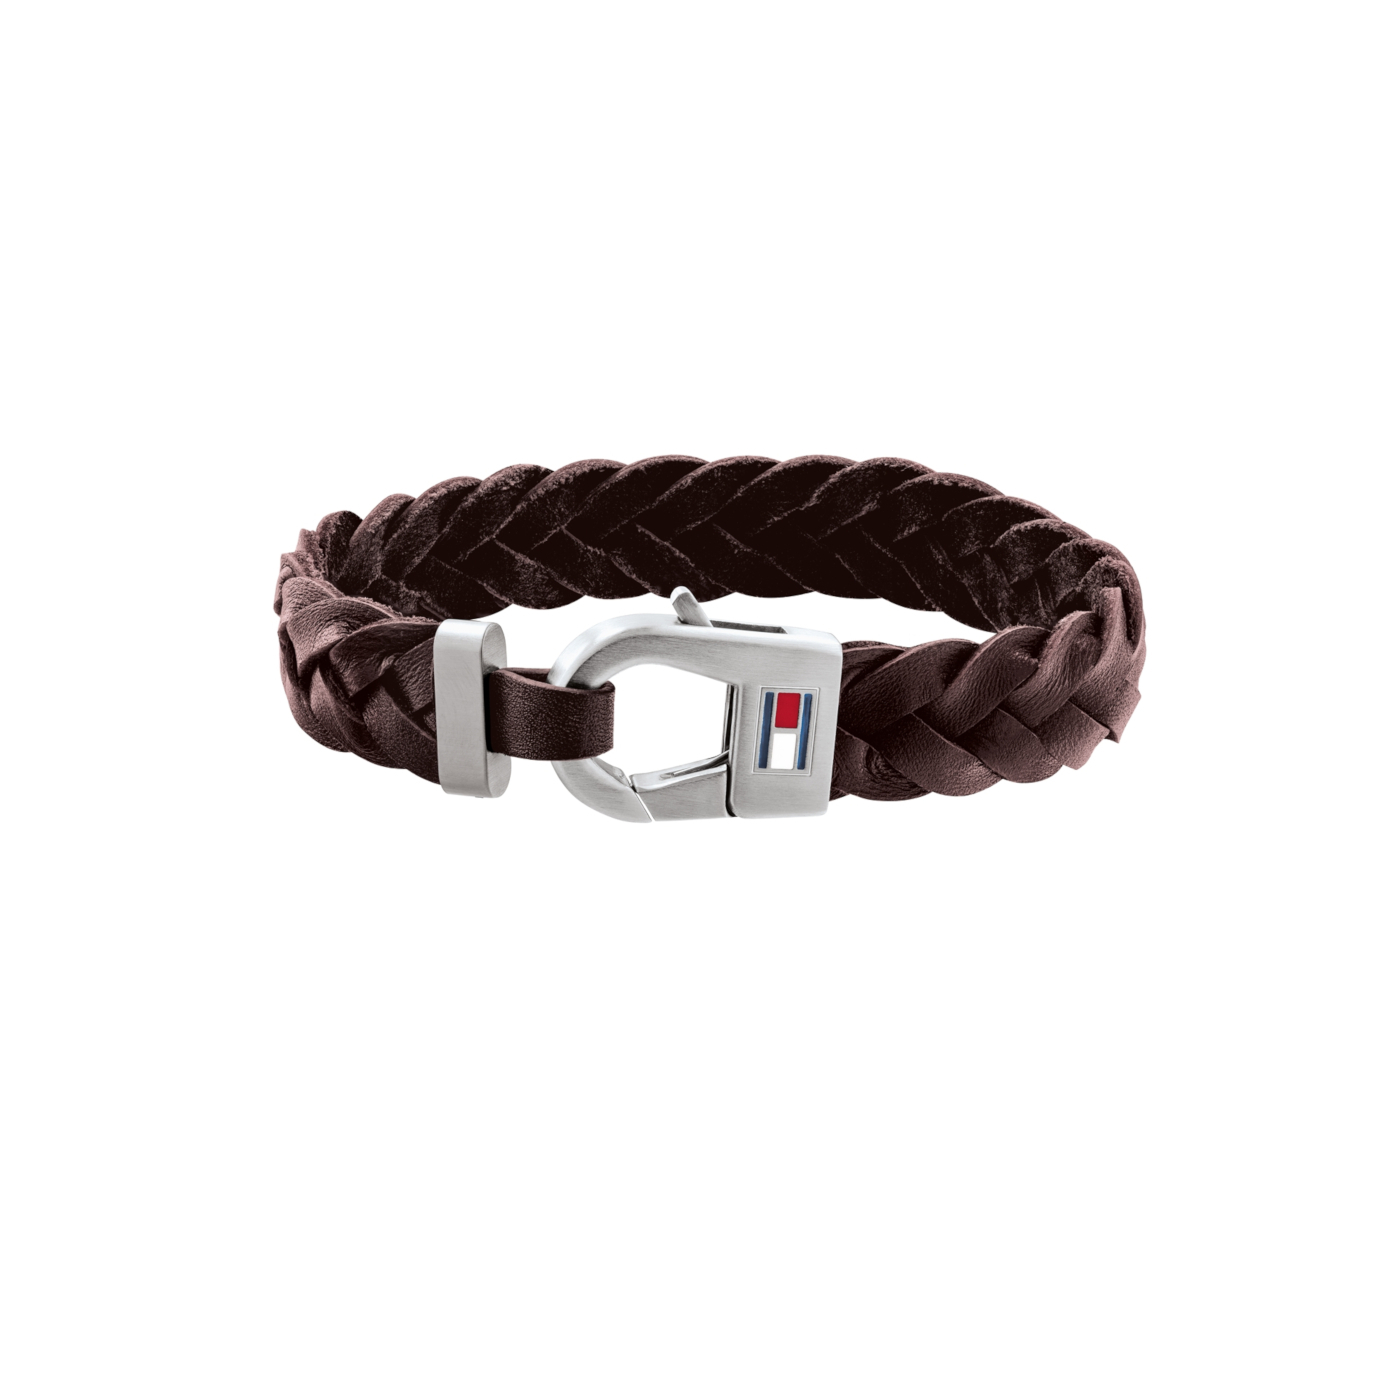 Bracelet TJ2790156 (Taille: 21 cm) - Tommy hilfiger - Modalova